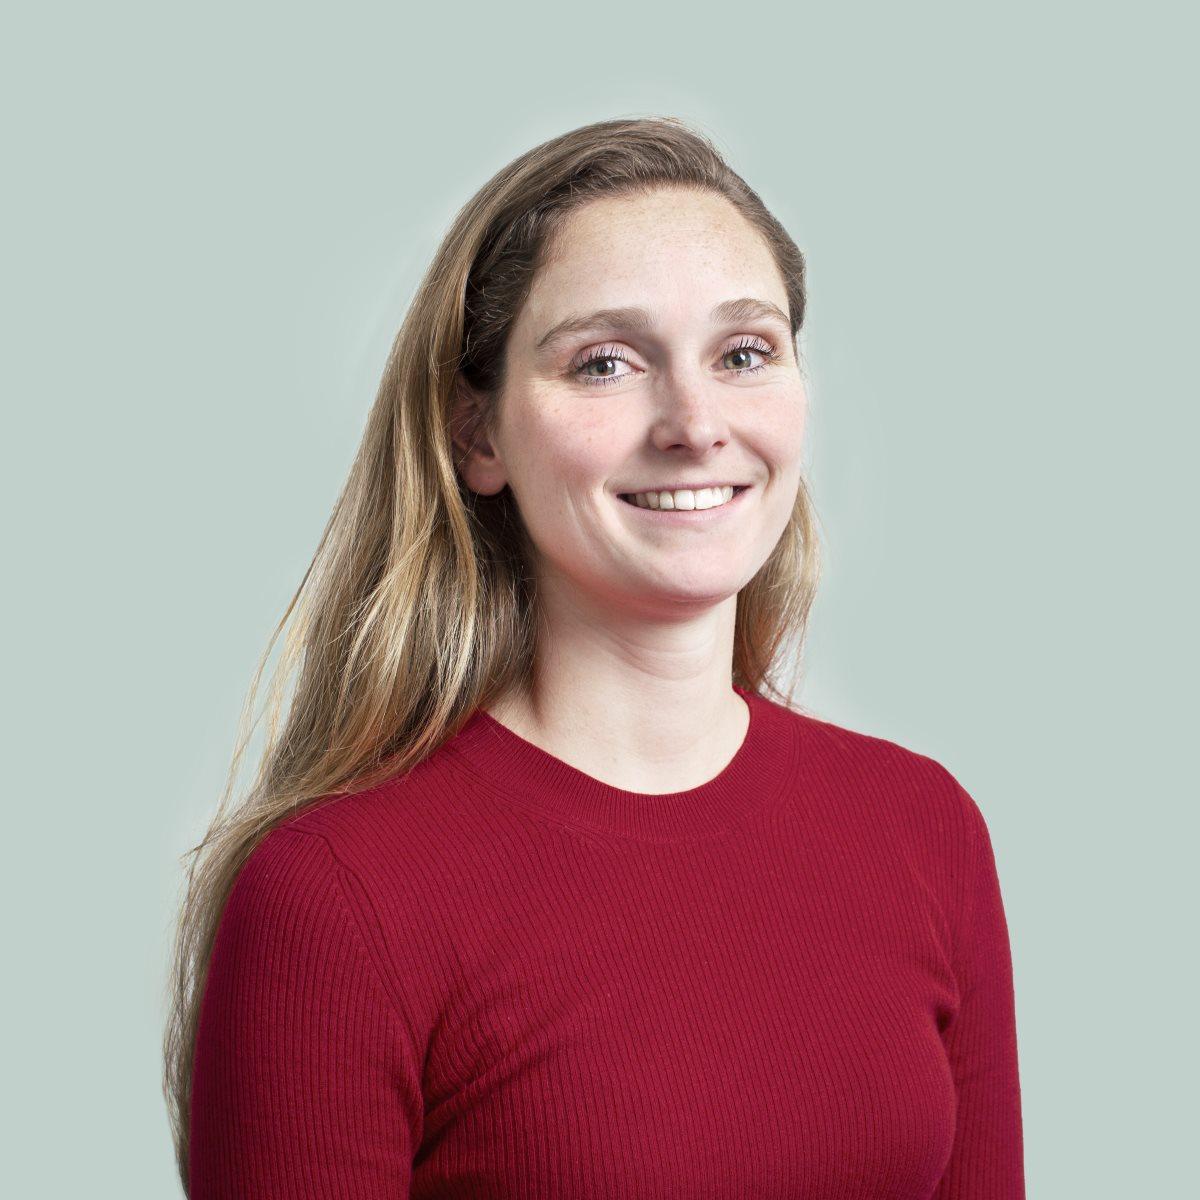 Bianca van Rijswijk